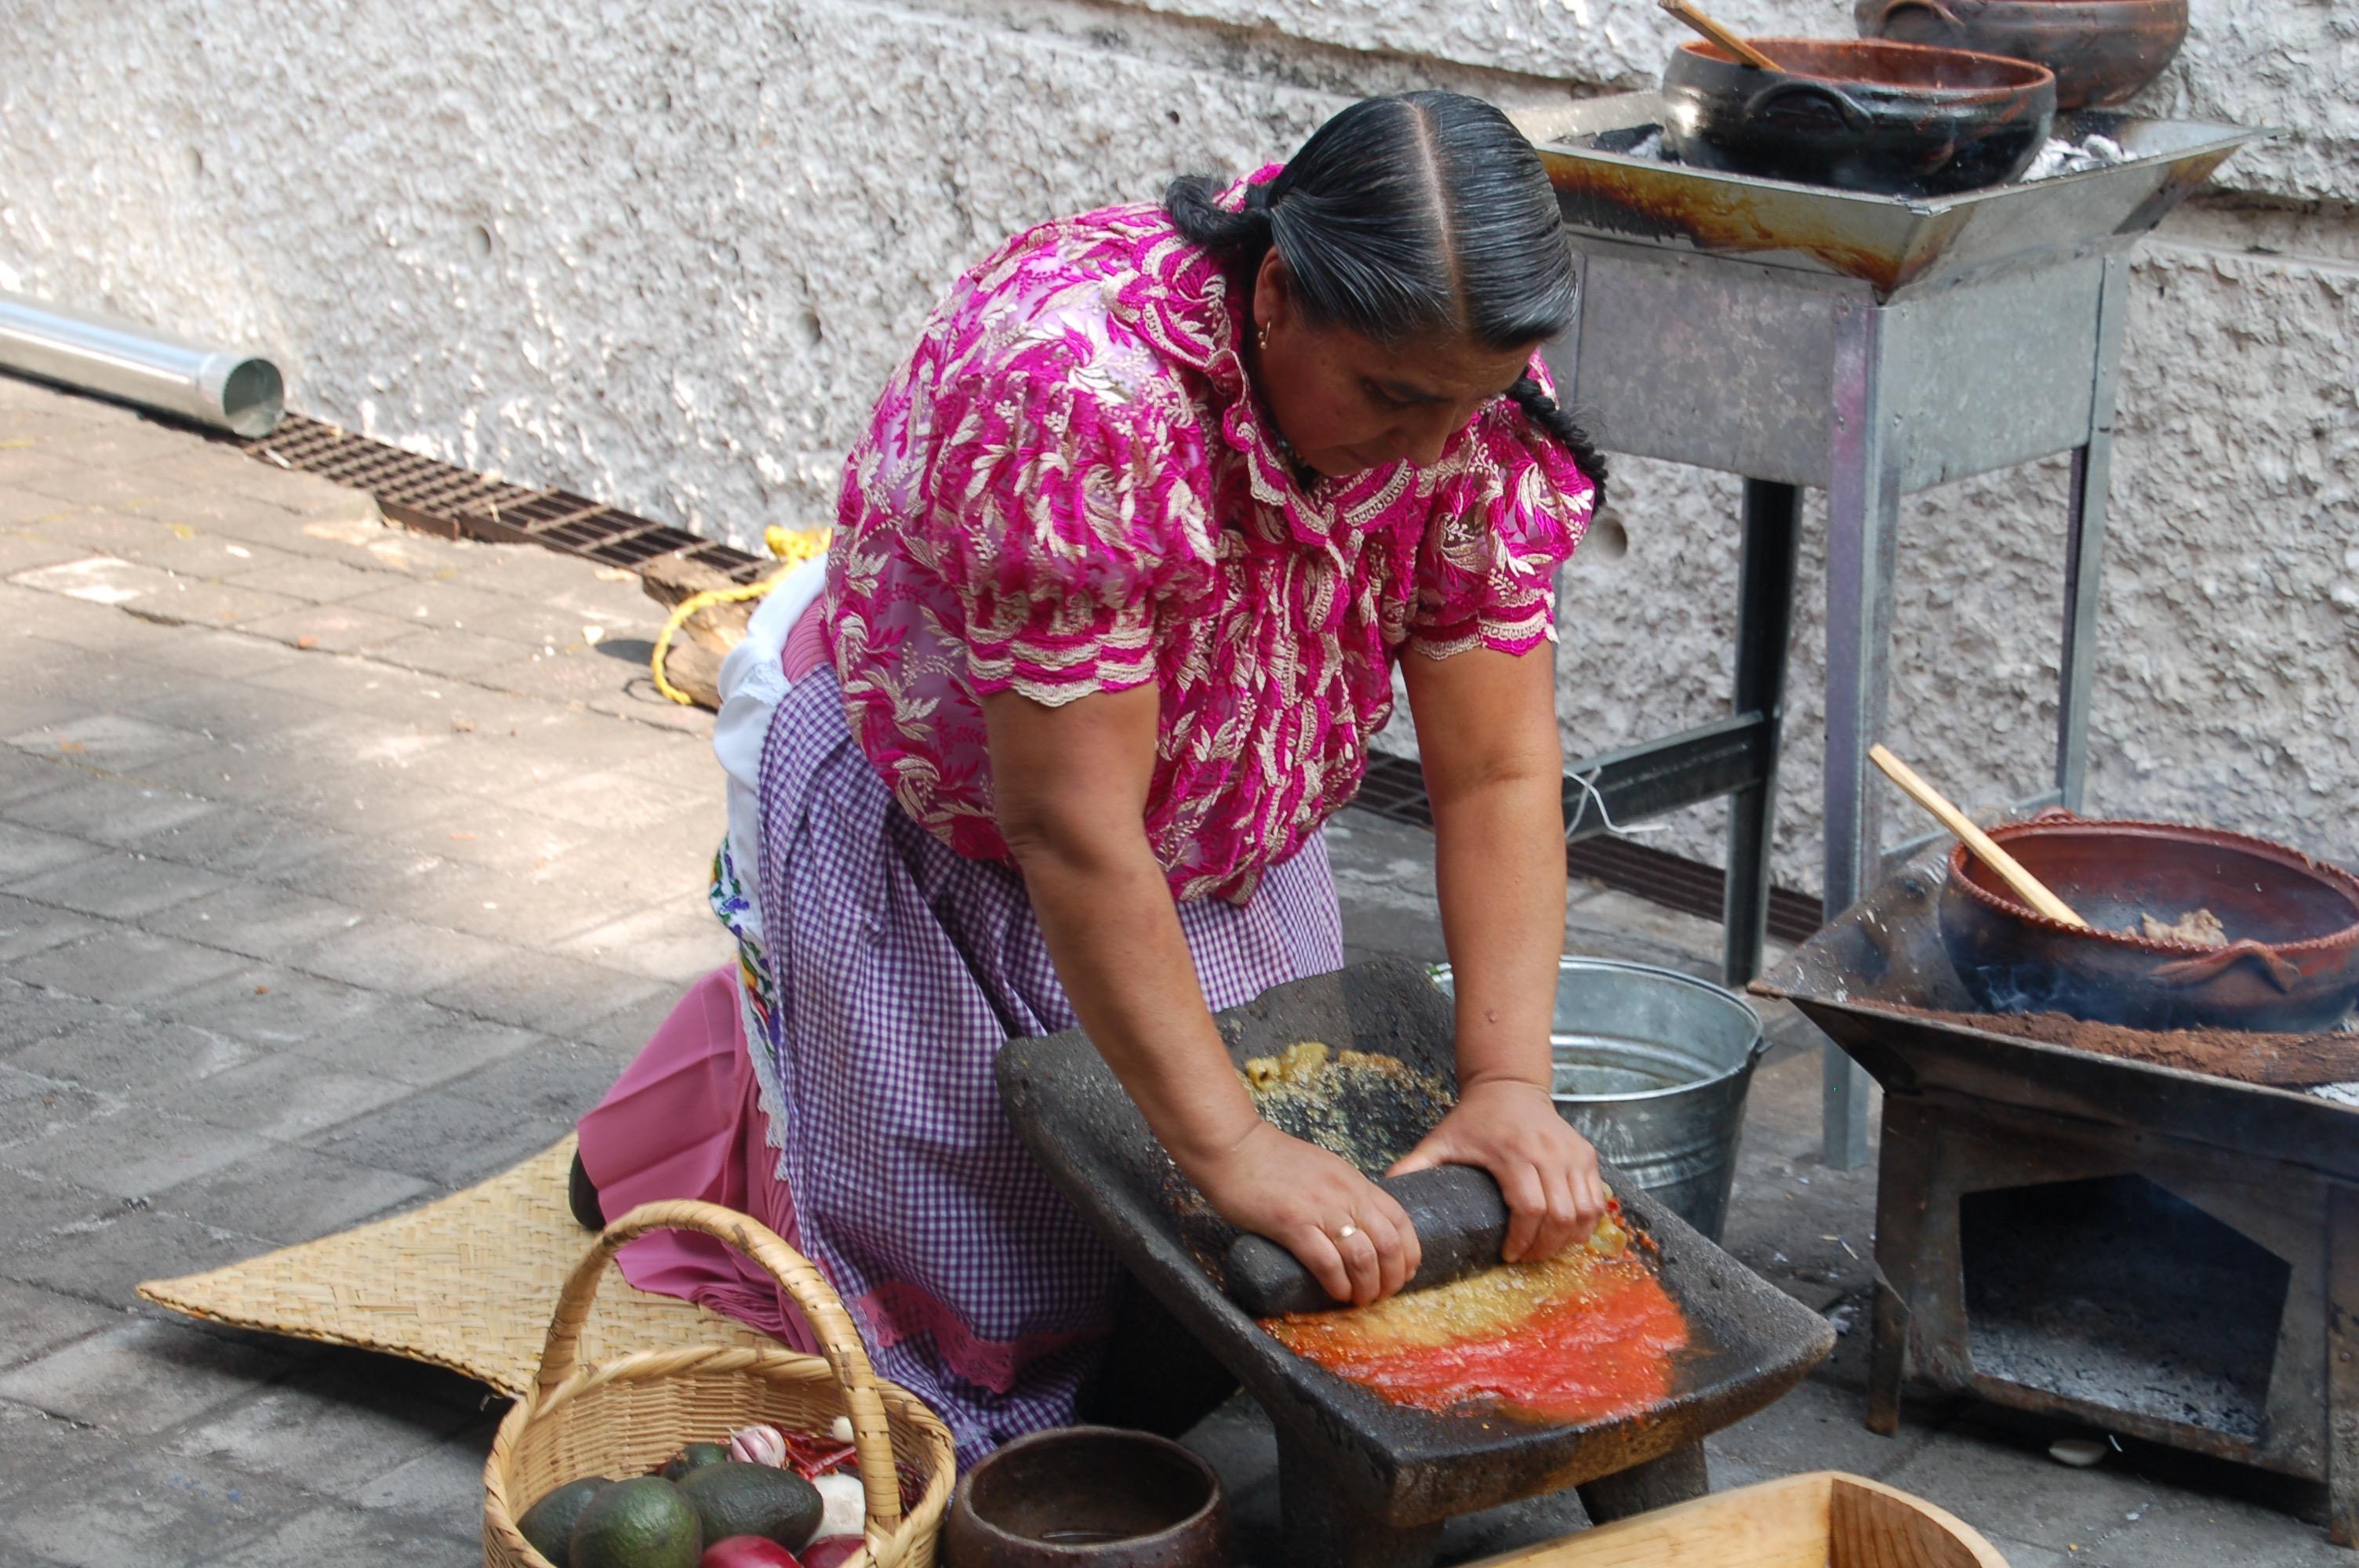 Cocinera Benedicta Alejo Vargas, FMGM, Mexico City, Mexico